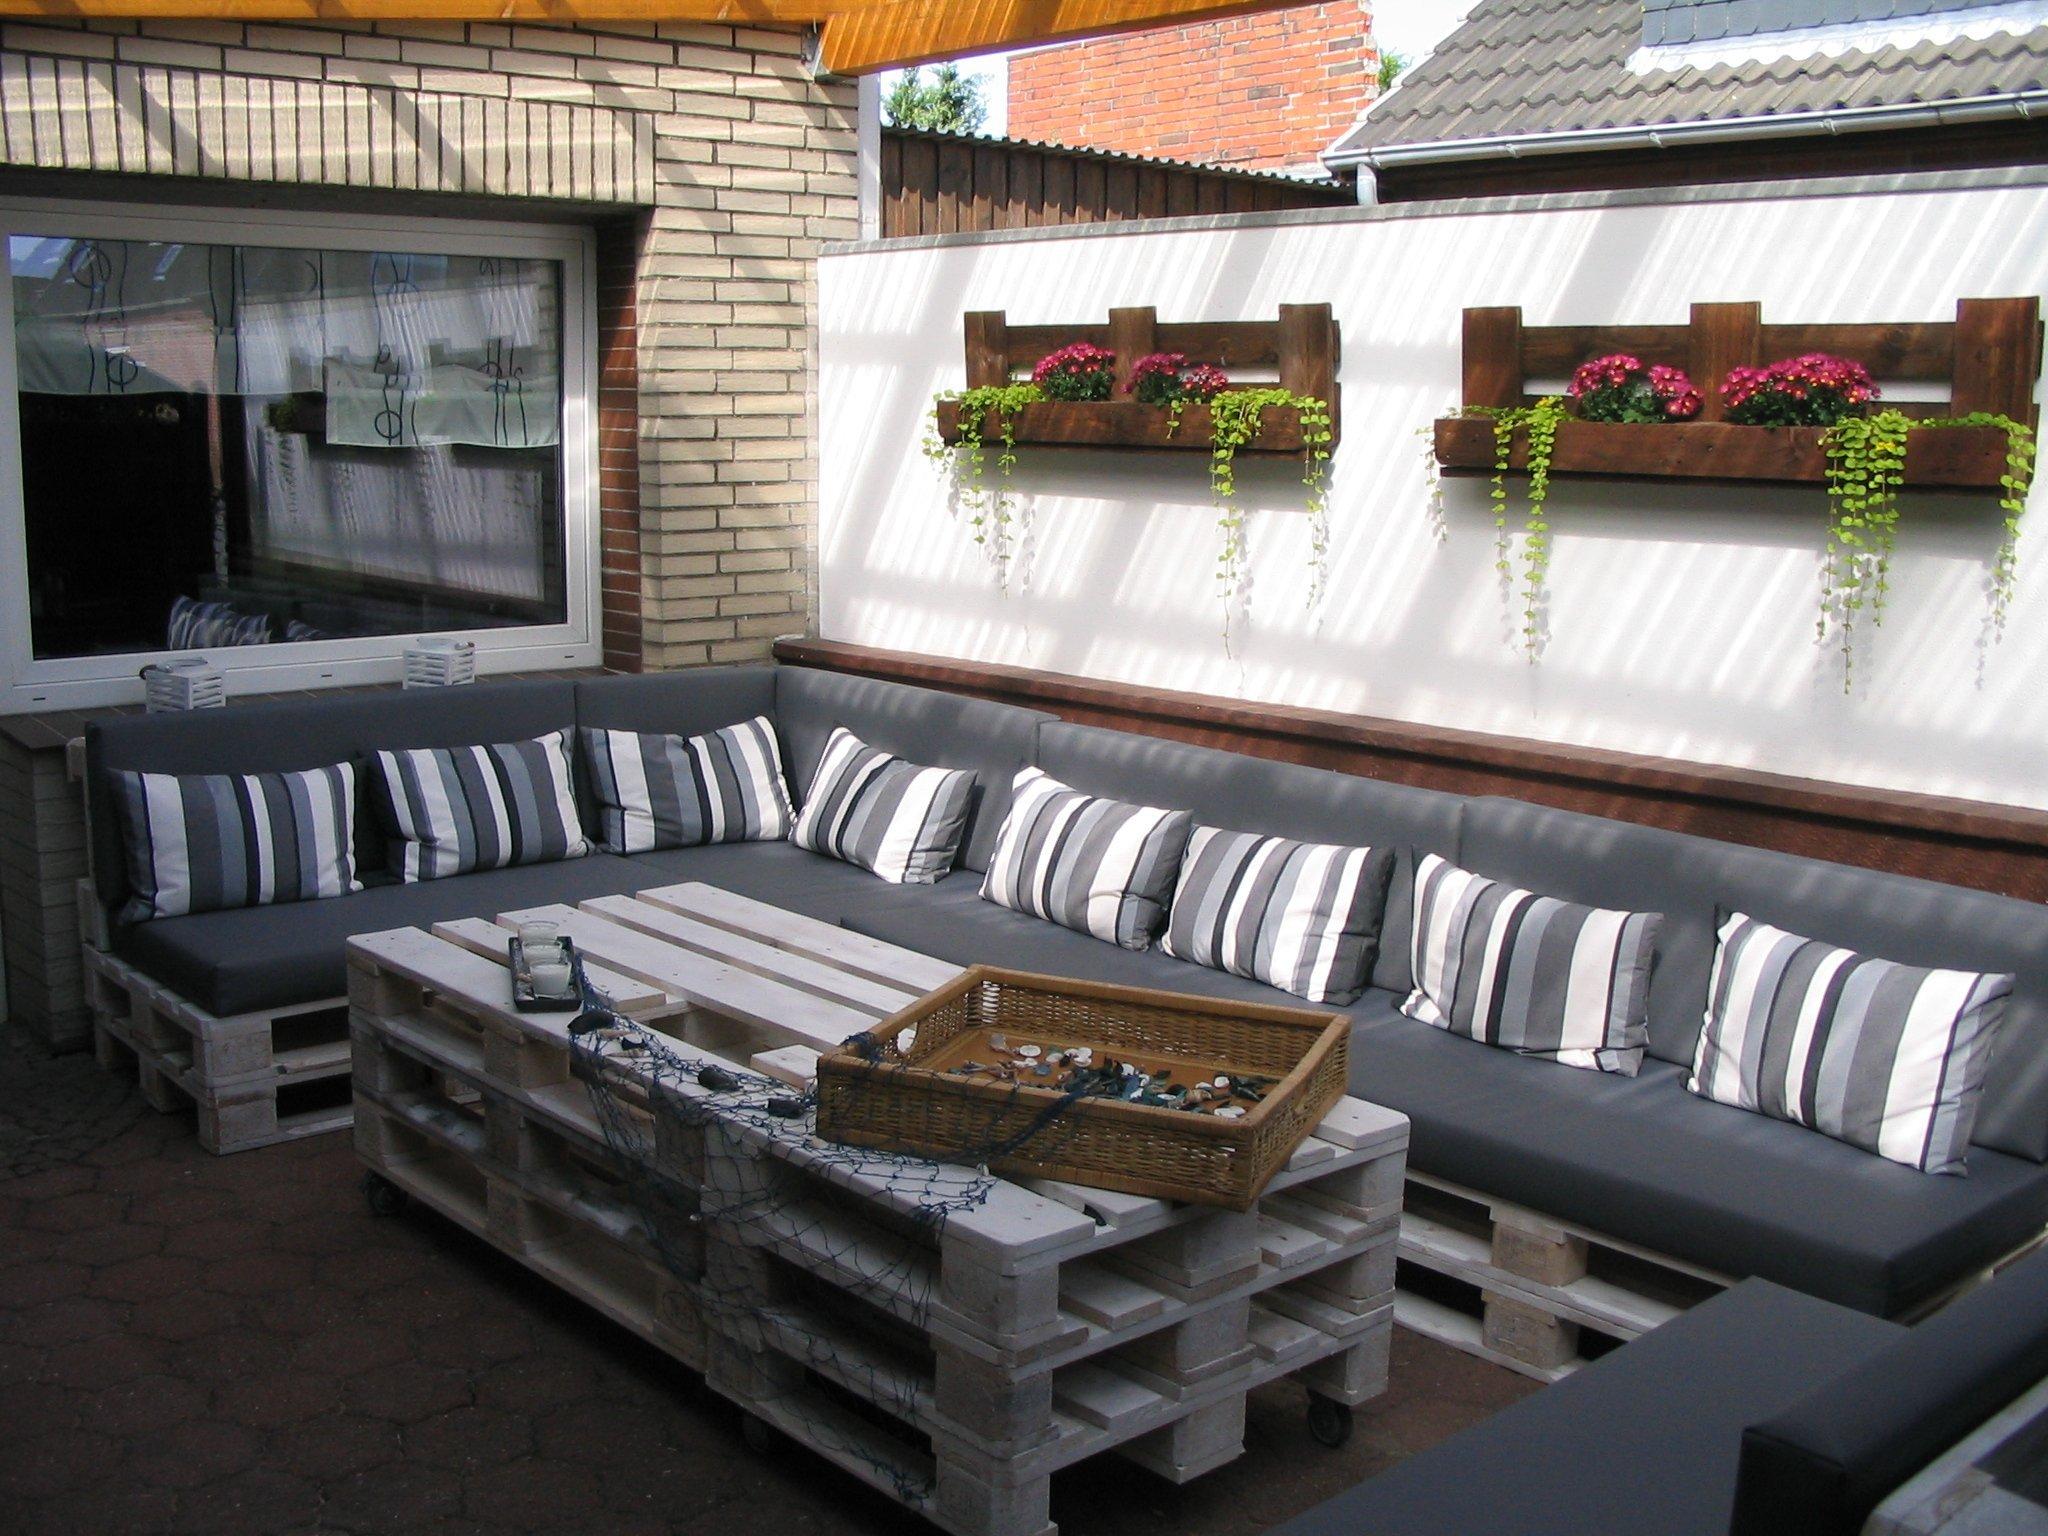 Pallettenmöbel | Möbel aus paletten, Sofa selber bauen ...